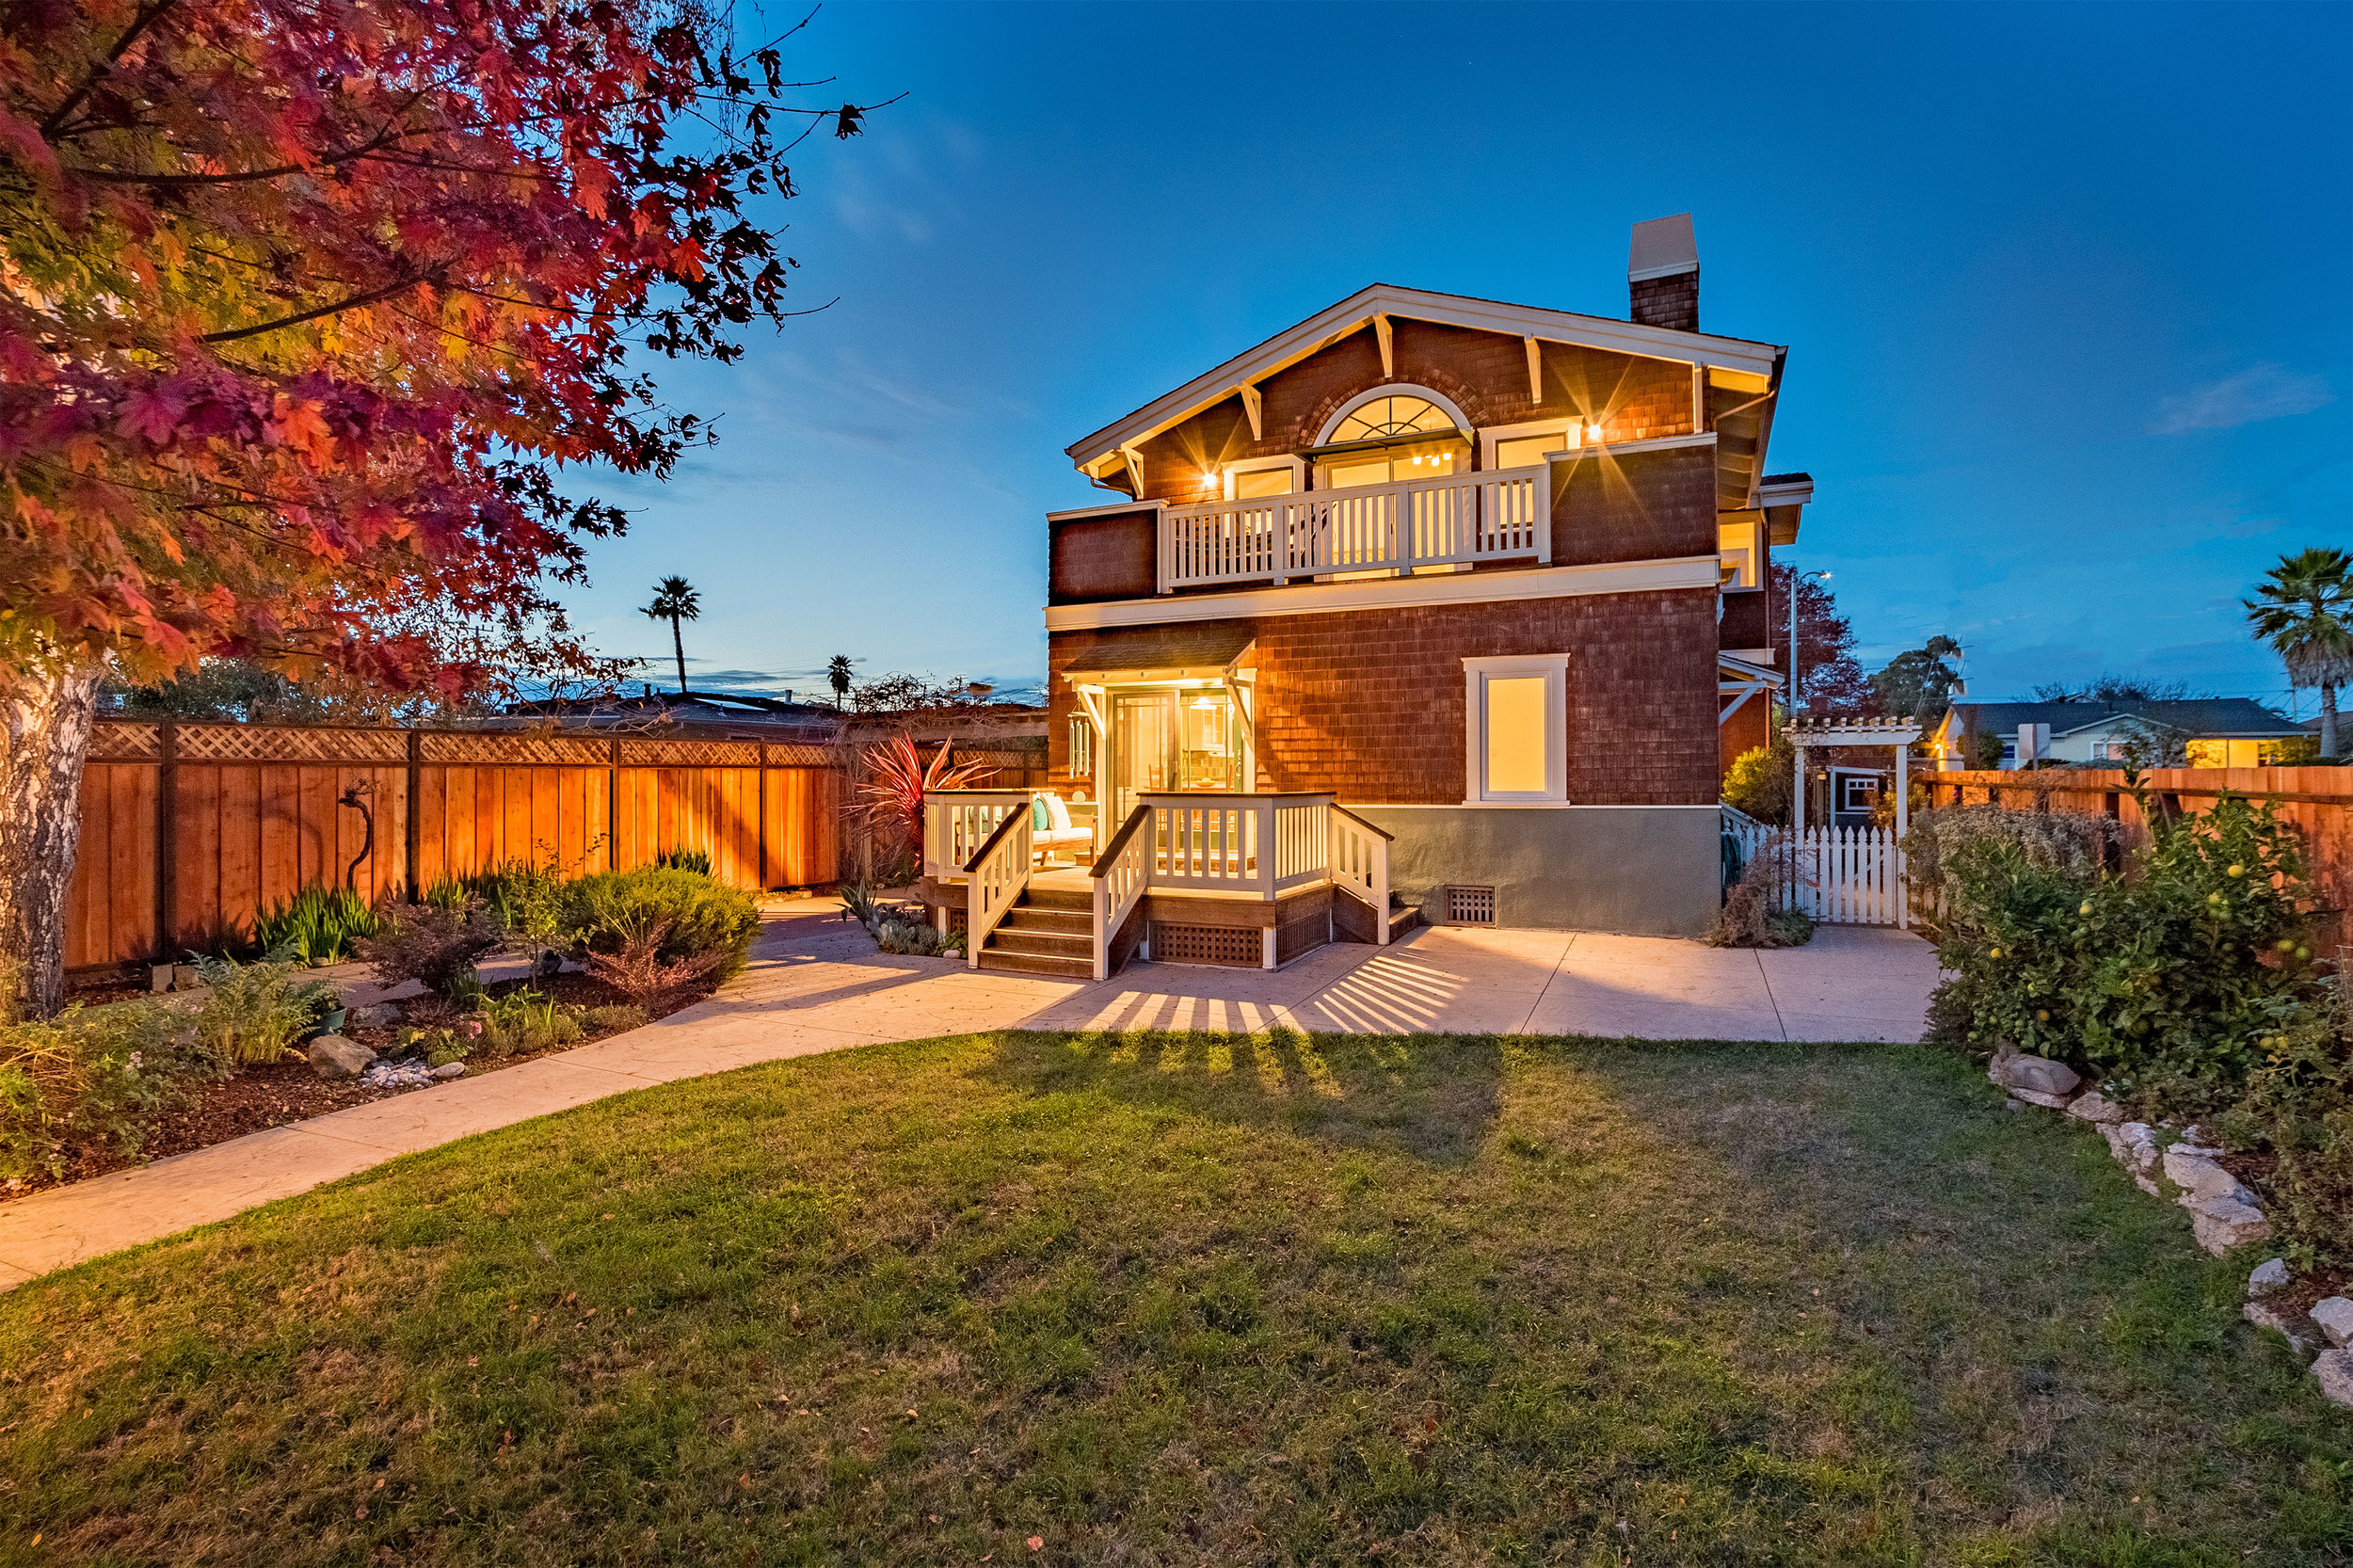 Patio and Grassy Area Santa Cruz Home